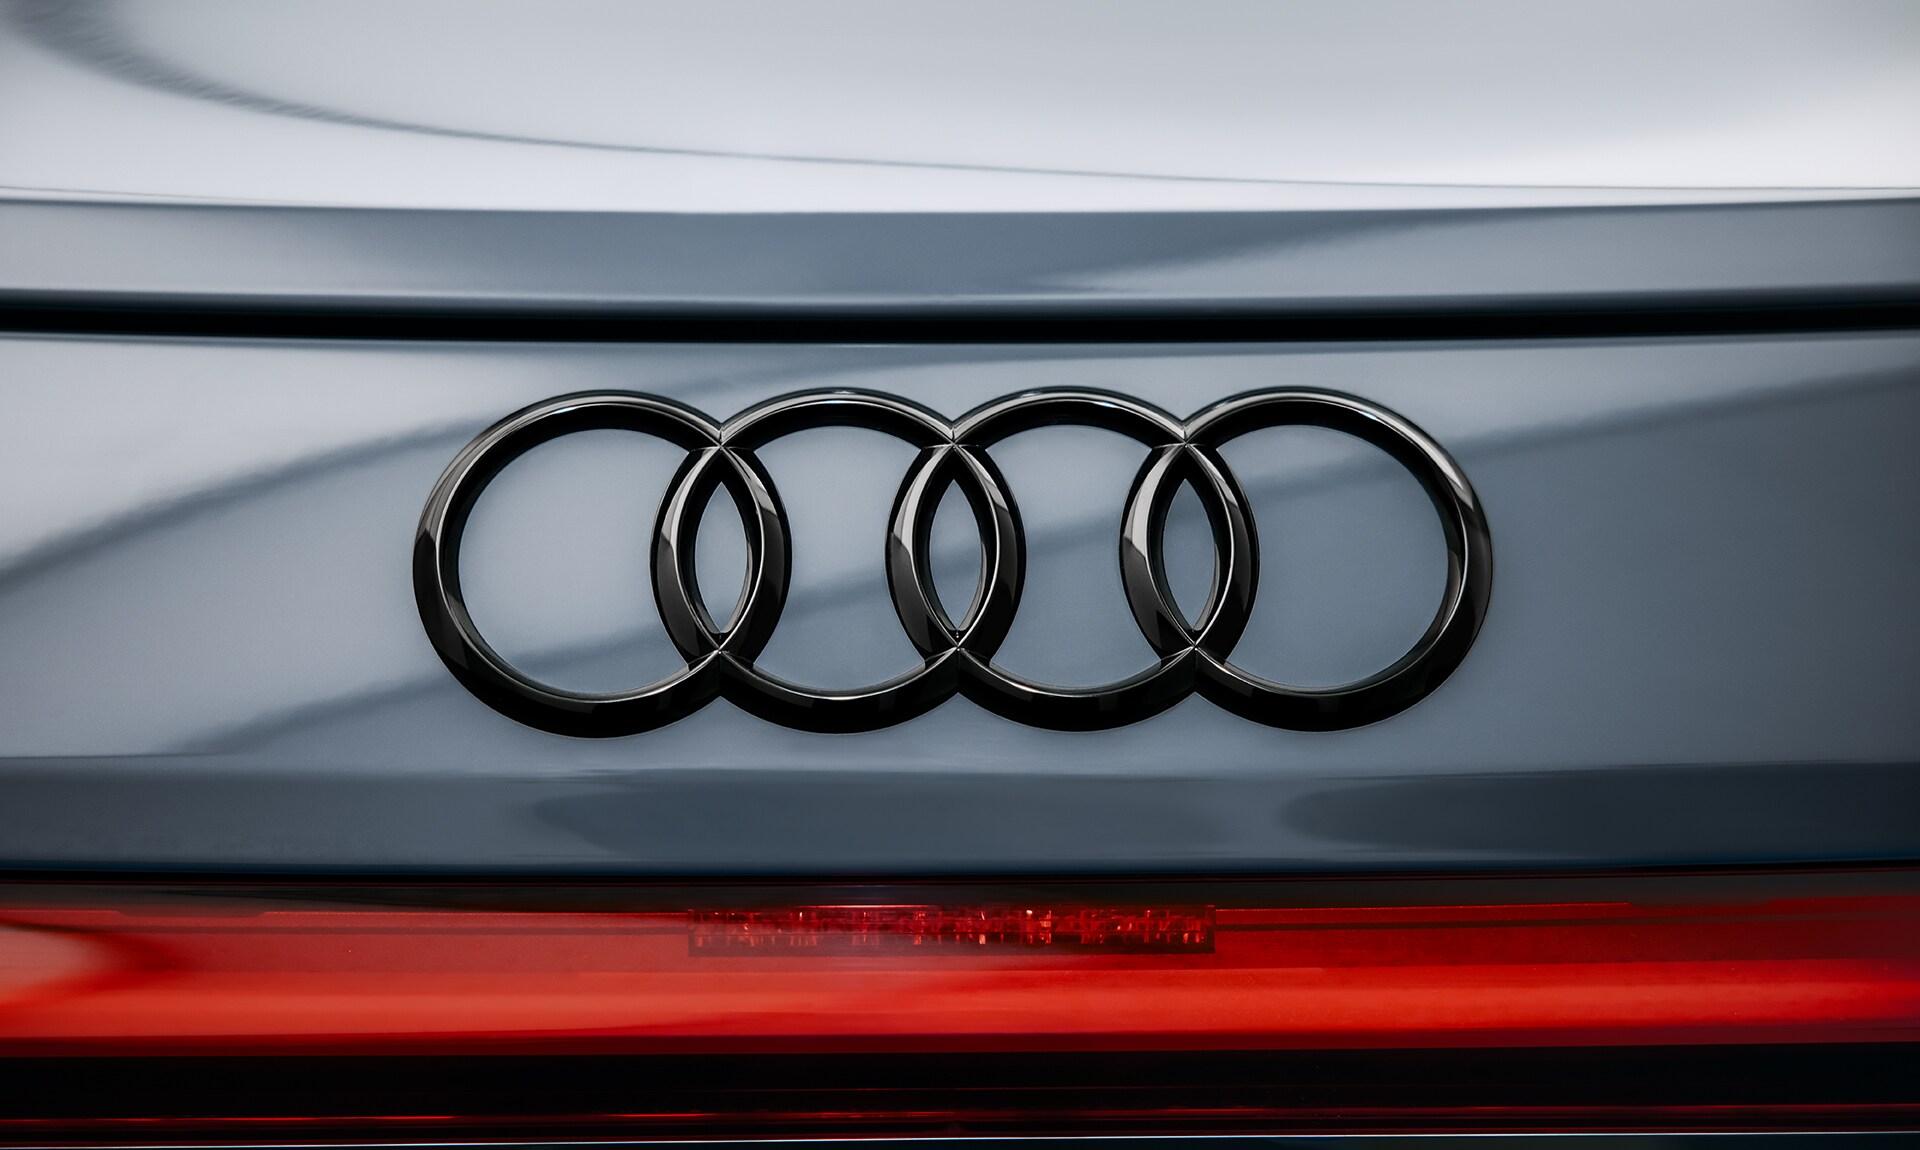 Črni krogi znamke Audi in s tem povezana odsotnost kroma niso le izraz inovacije v slogovnem jeziku, temveč tudi prizadevanja k večji trajnosti. Prvič se pojavijo prav v modelu Audi RS e-tron GT.